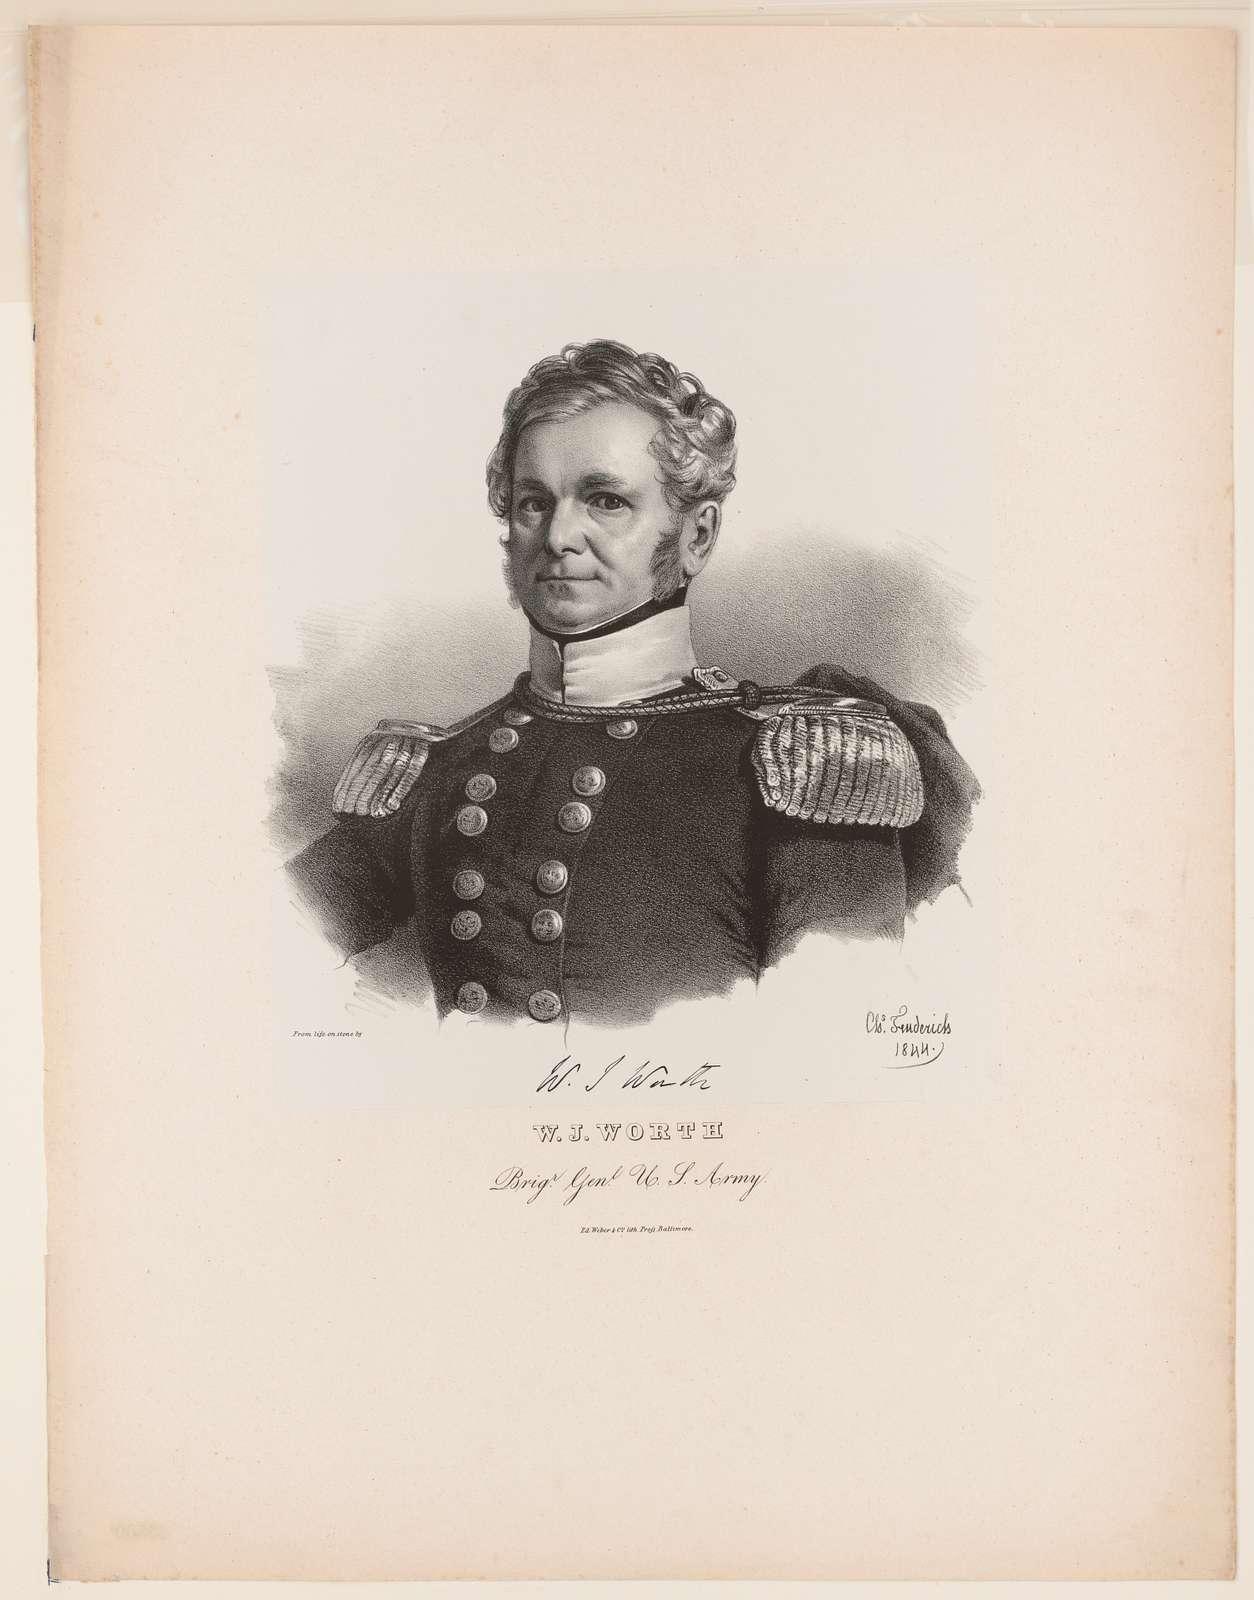 W.J. Worth, Brigr. Genl. U.S. Army from life on stone by Chs. Fenderich 1844